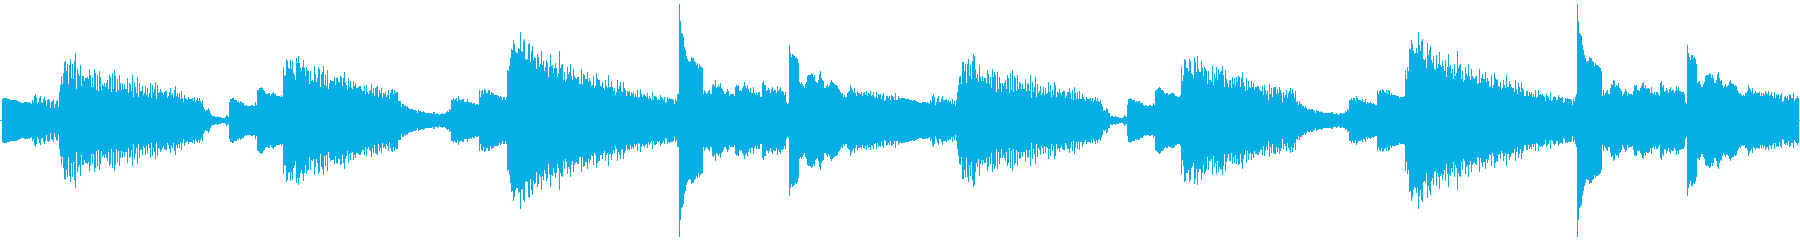 【南国/爽やか/アコースティックギター】の再生済みの波形